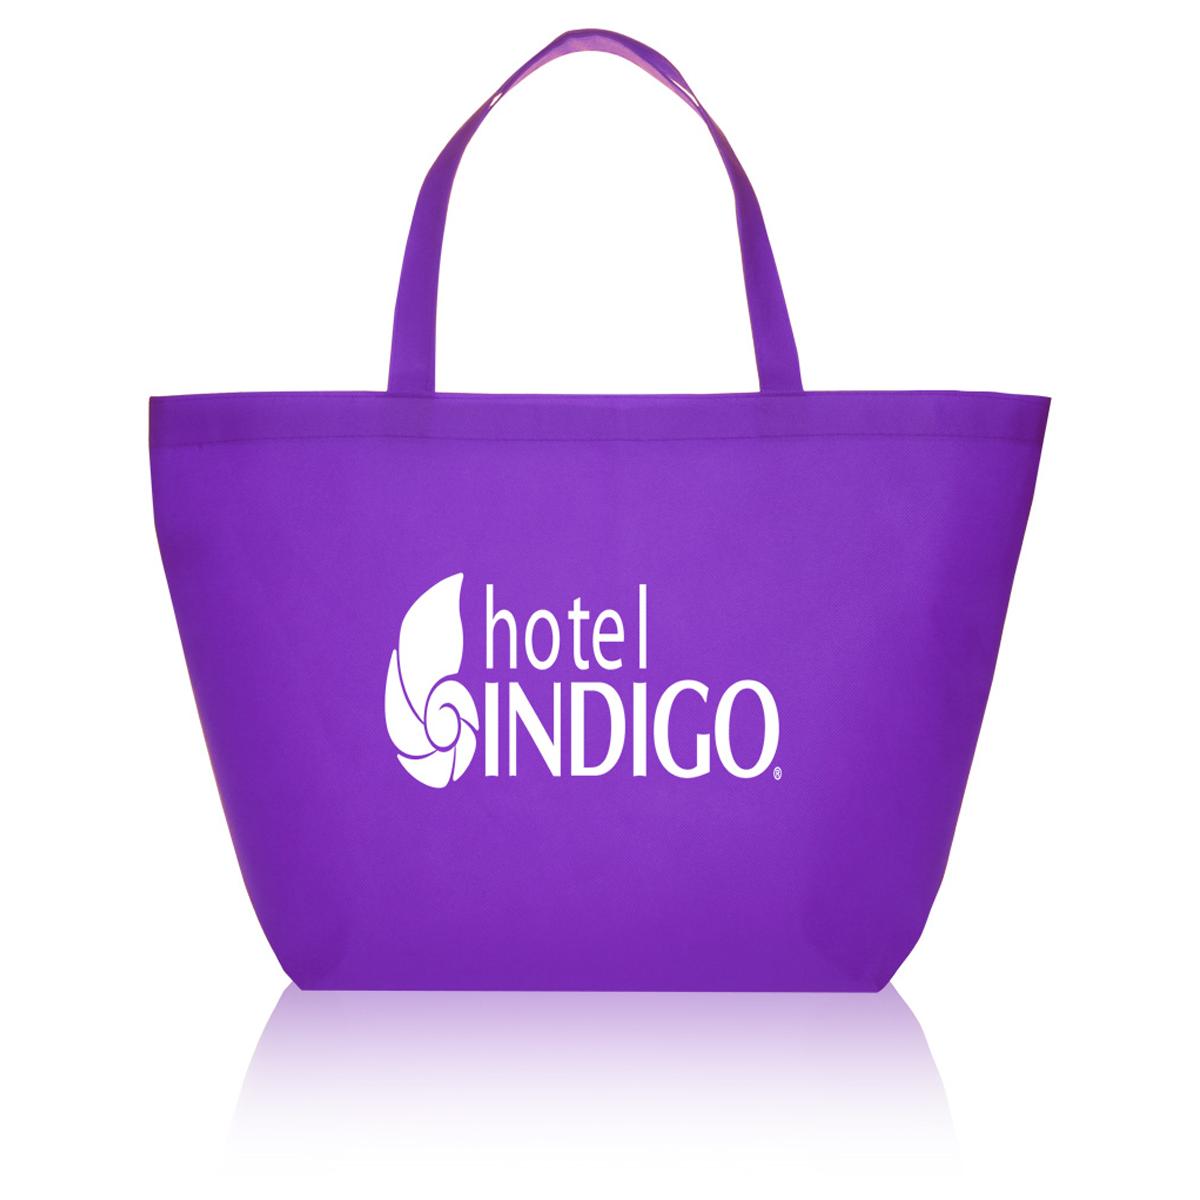 Very Non Woven Budget Shopper Tote Bag   Mines Press JK67